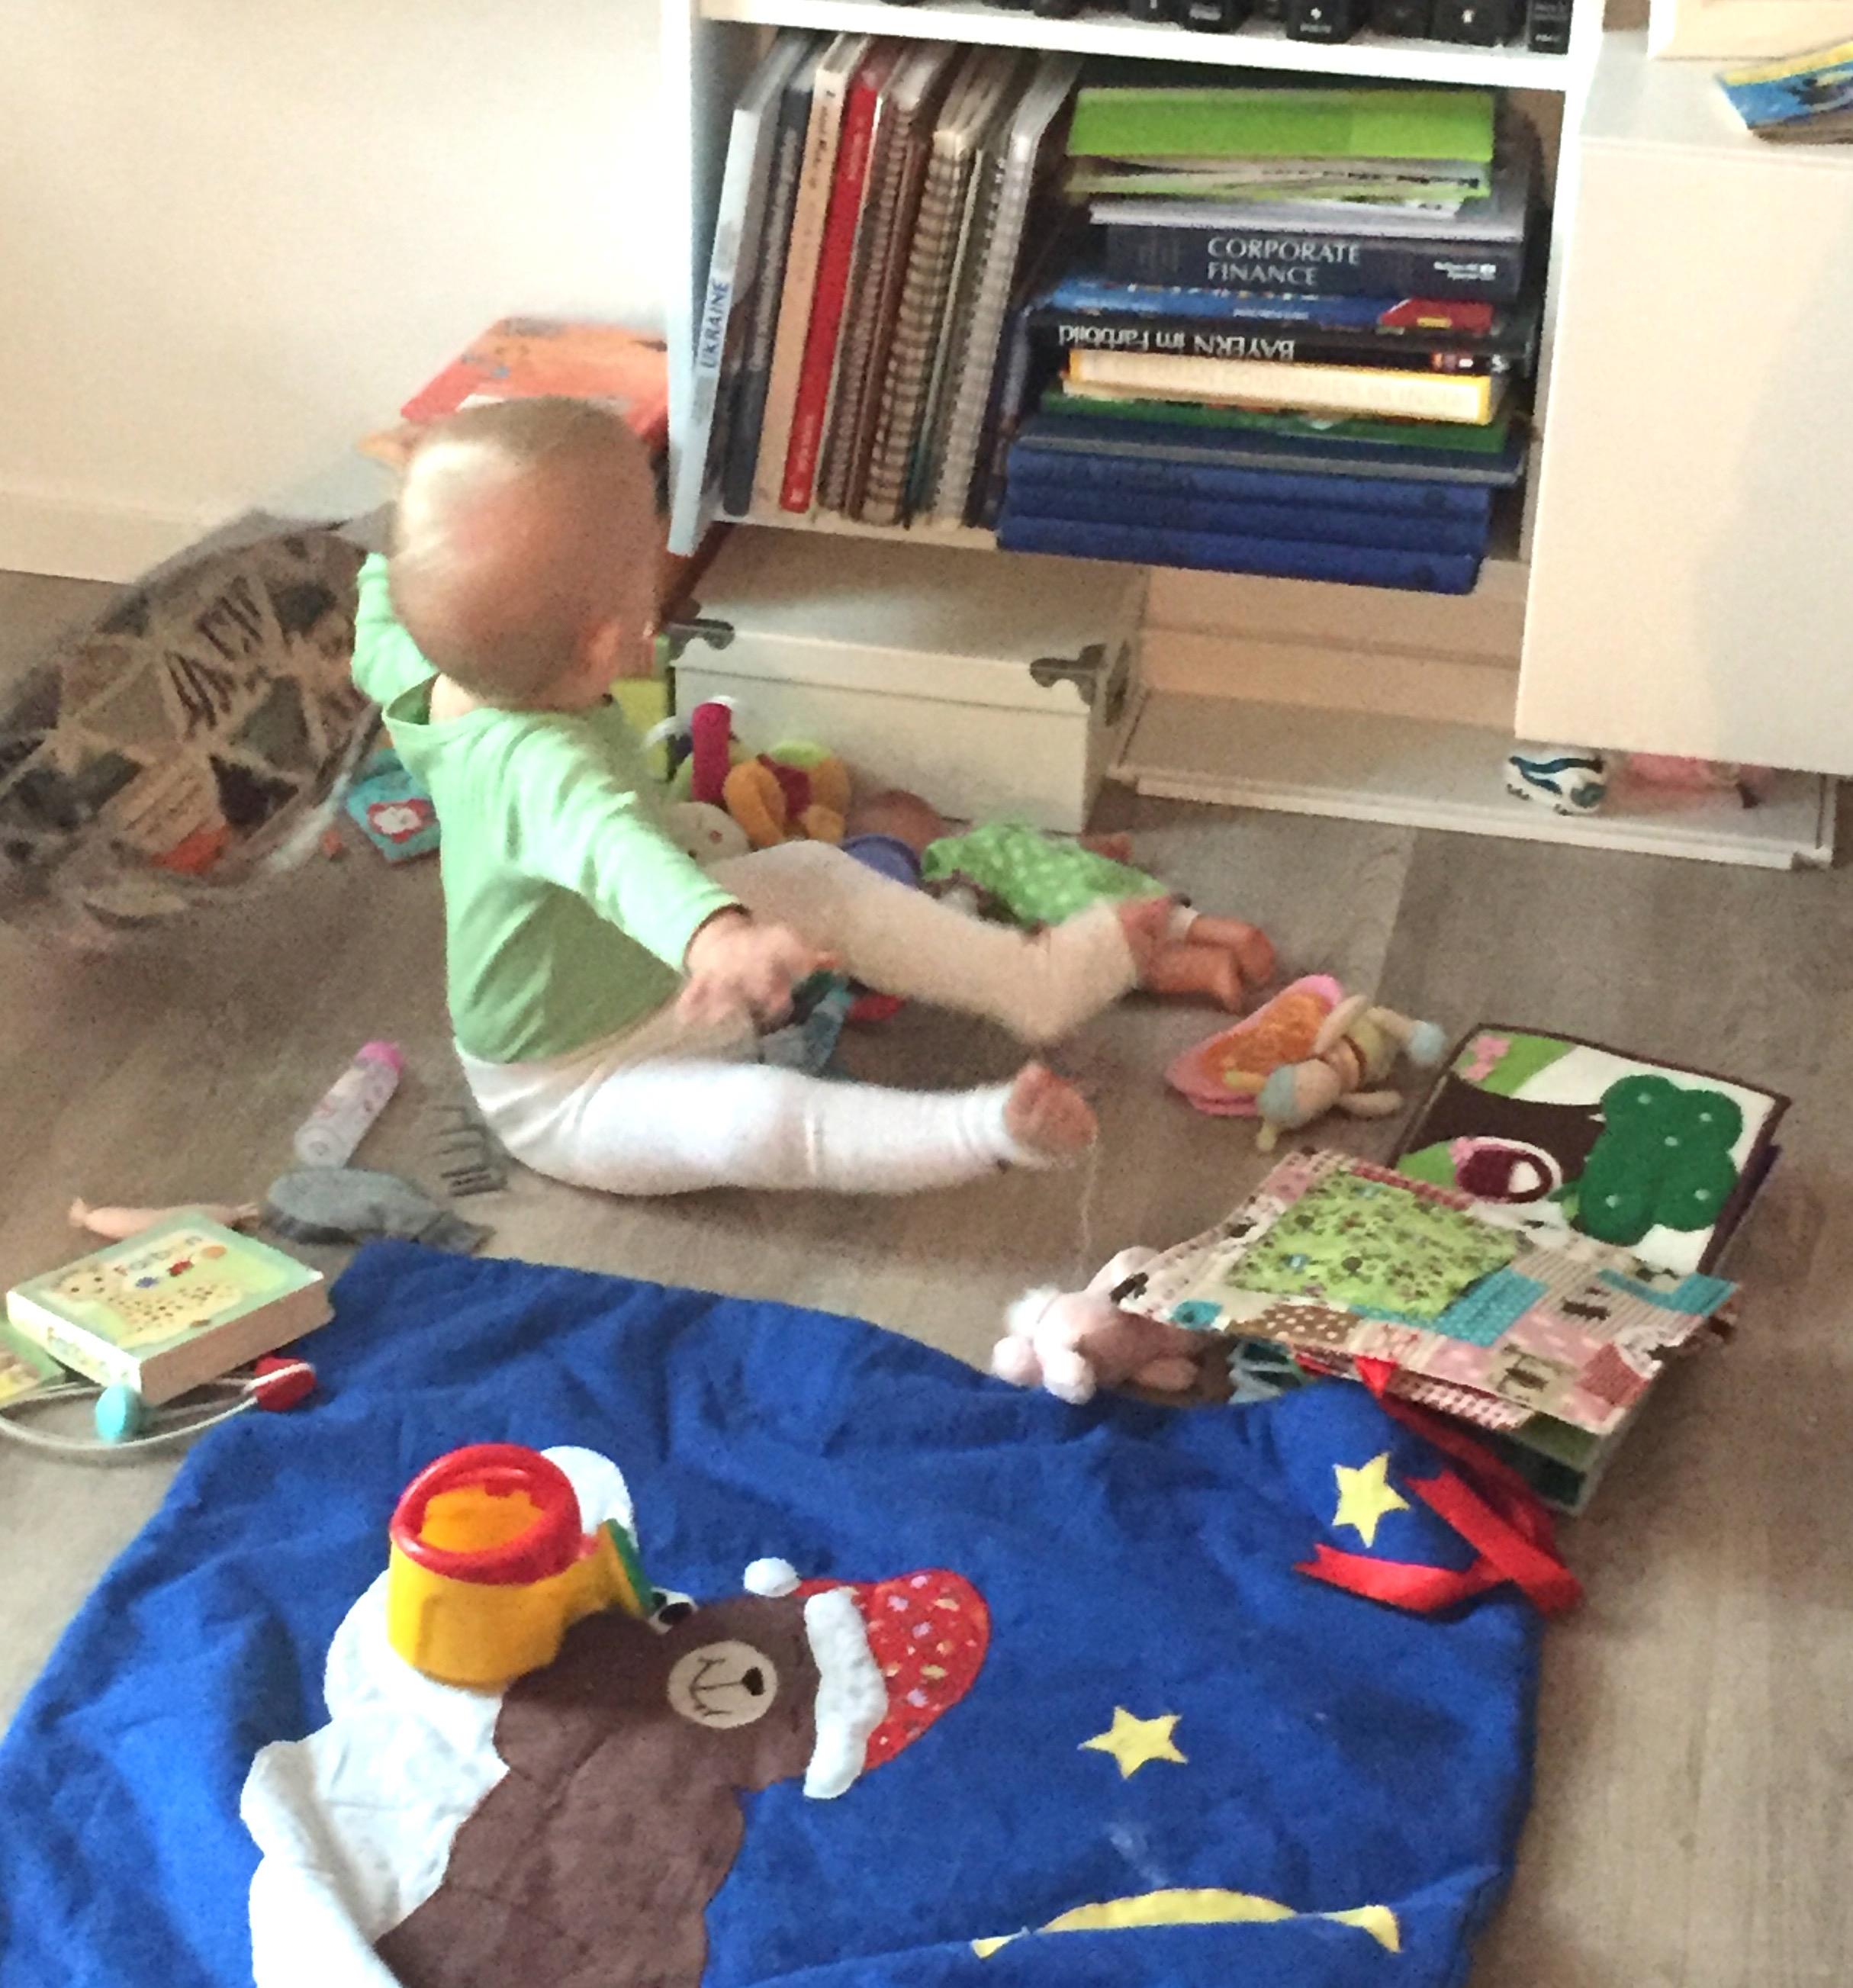 Tagebuchbloggen Was machst du eigentlich den ganzen Tag - Baby spielt am morgen